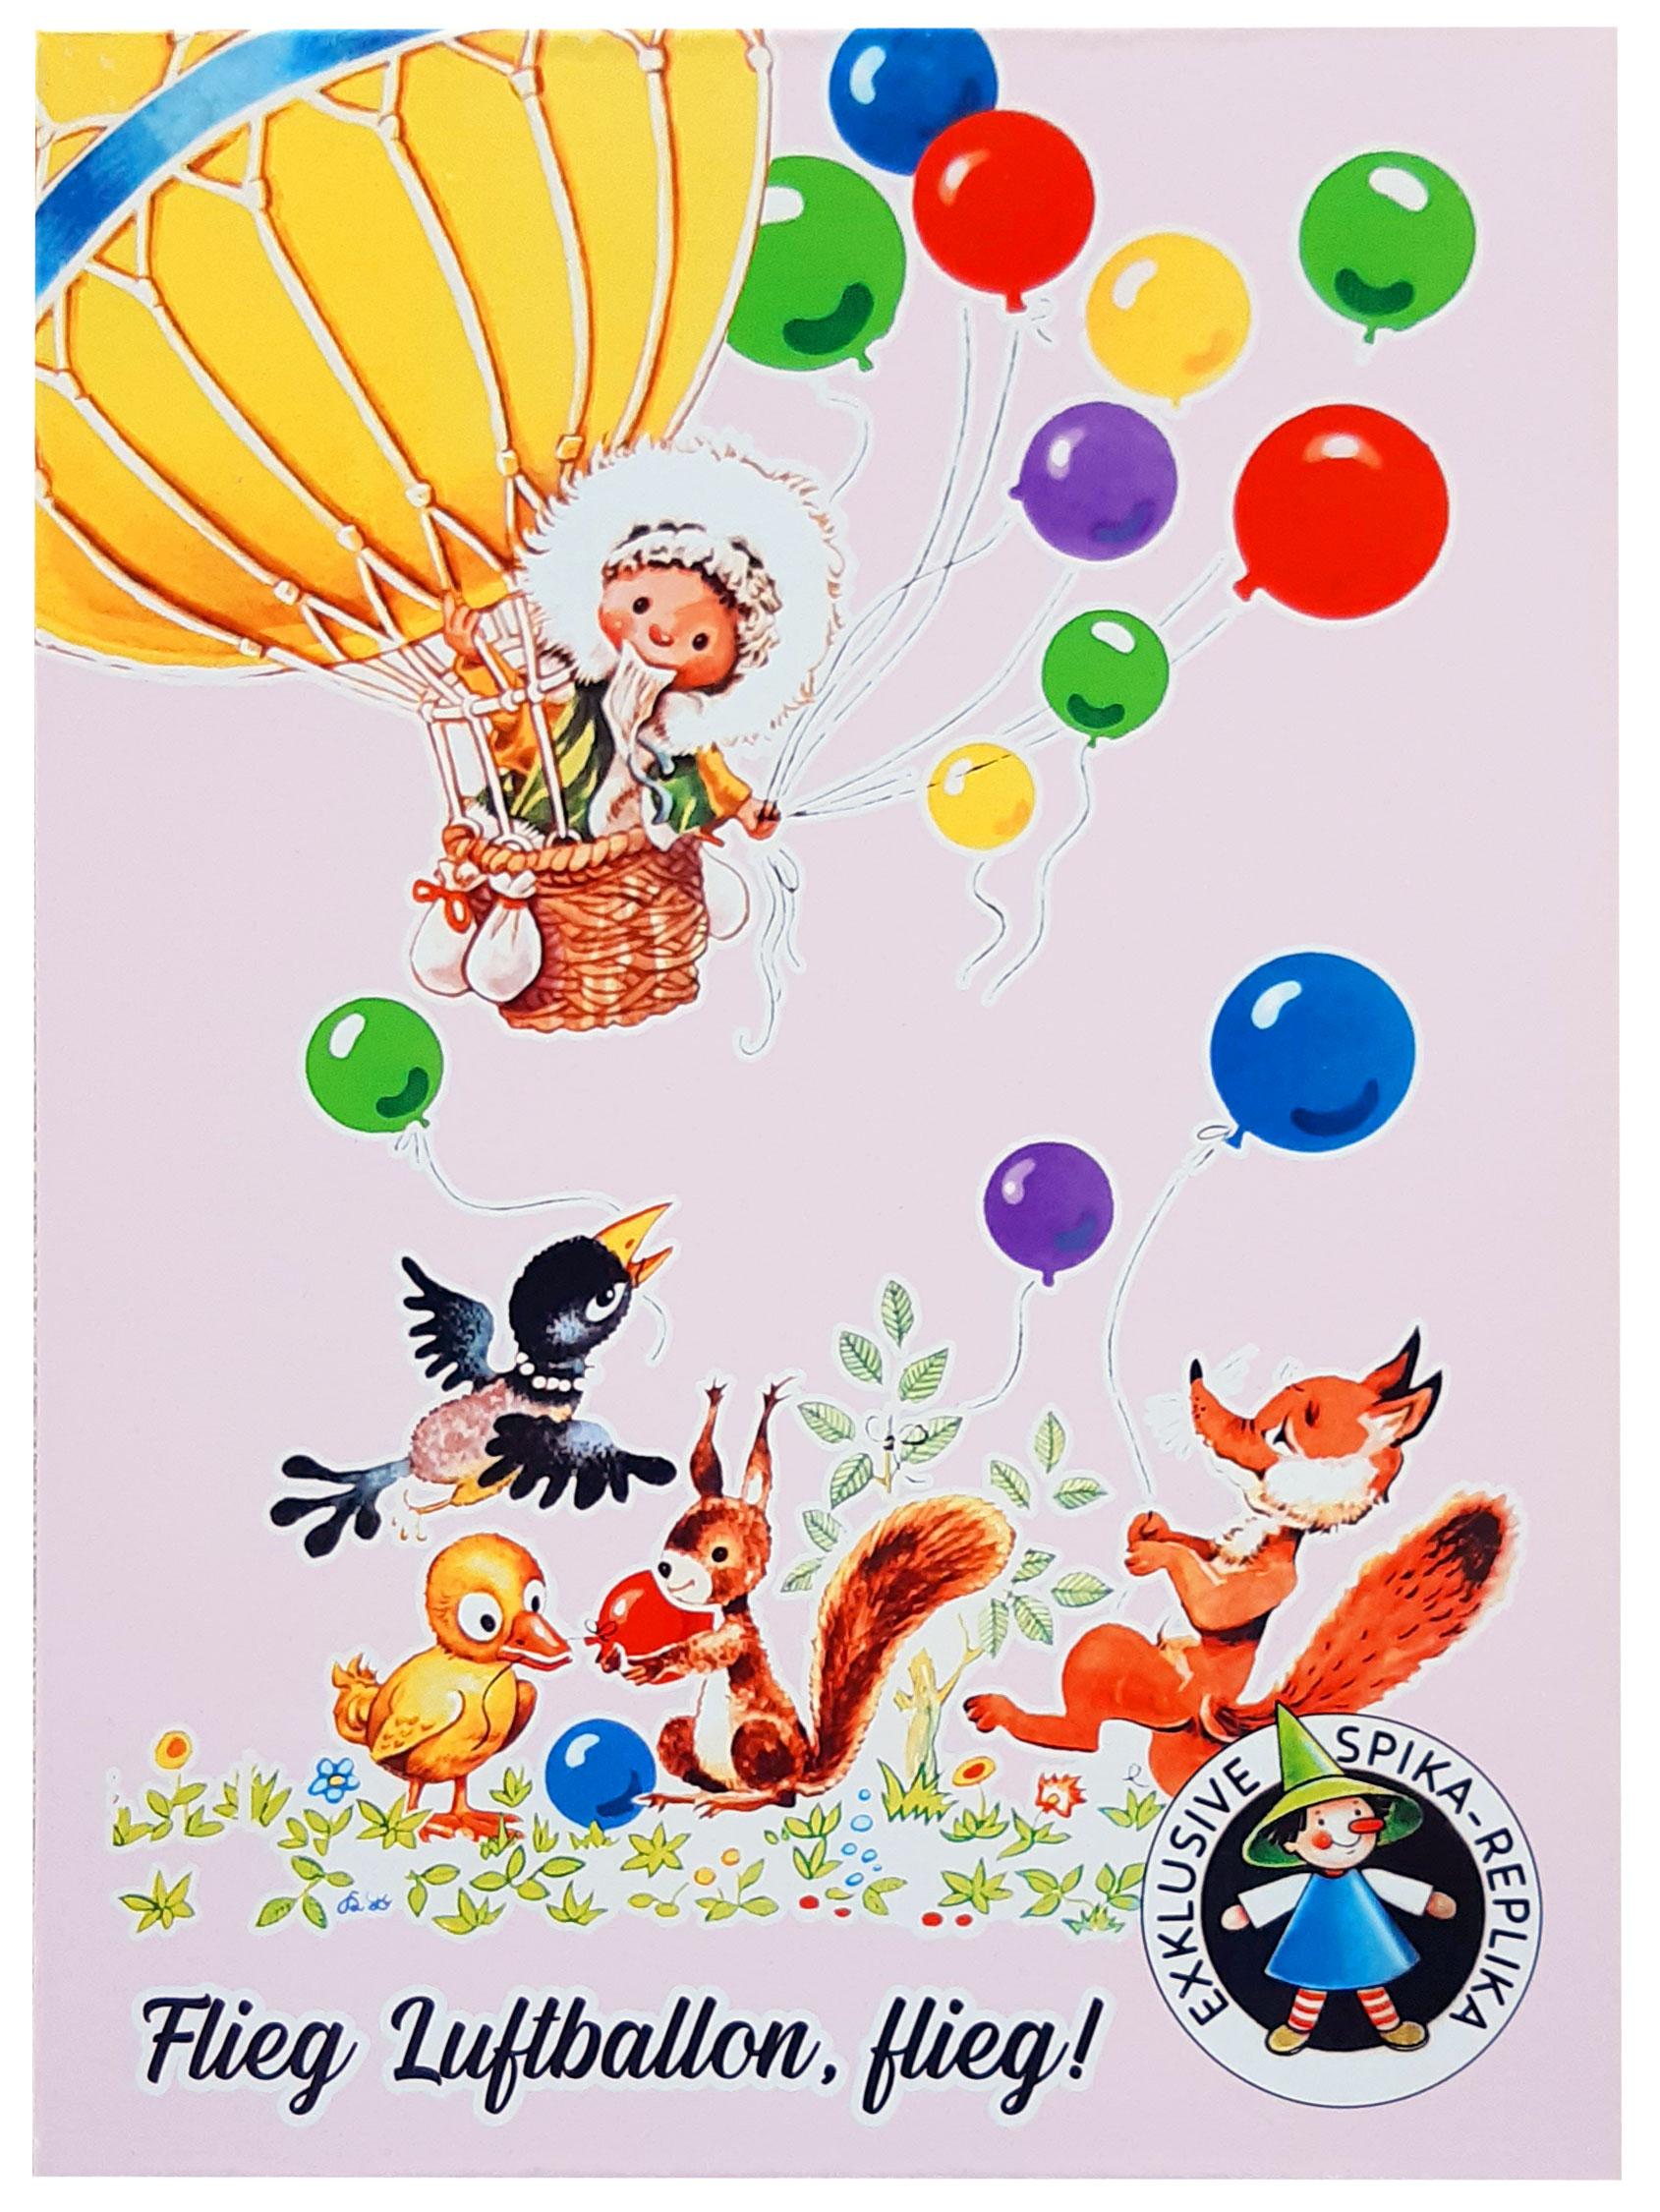 Flieg, Luftballon, flieg